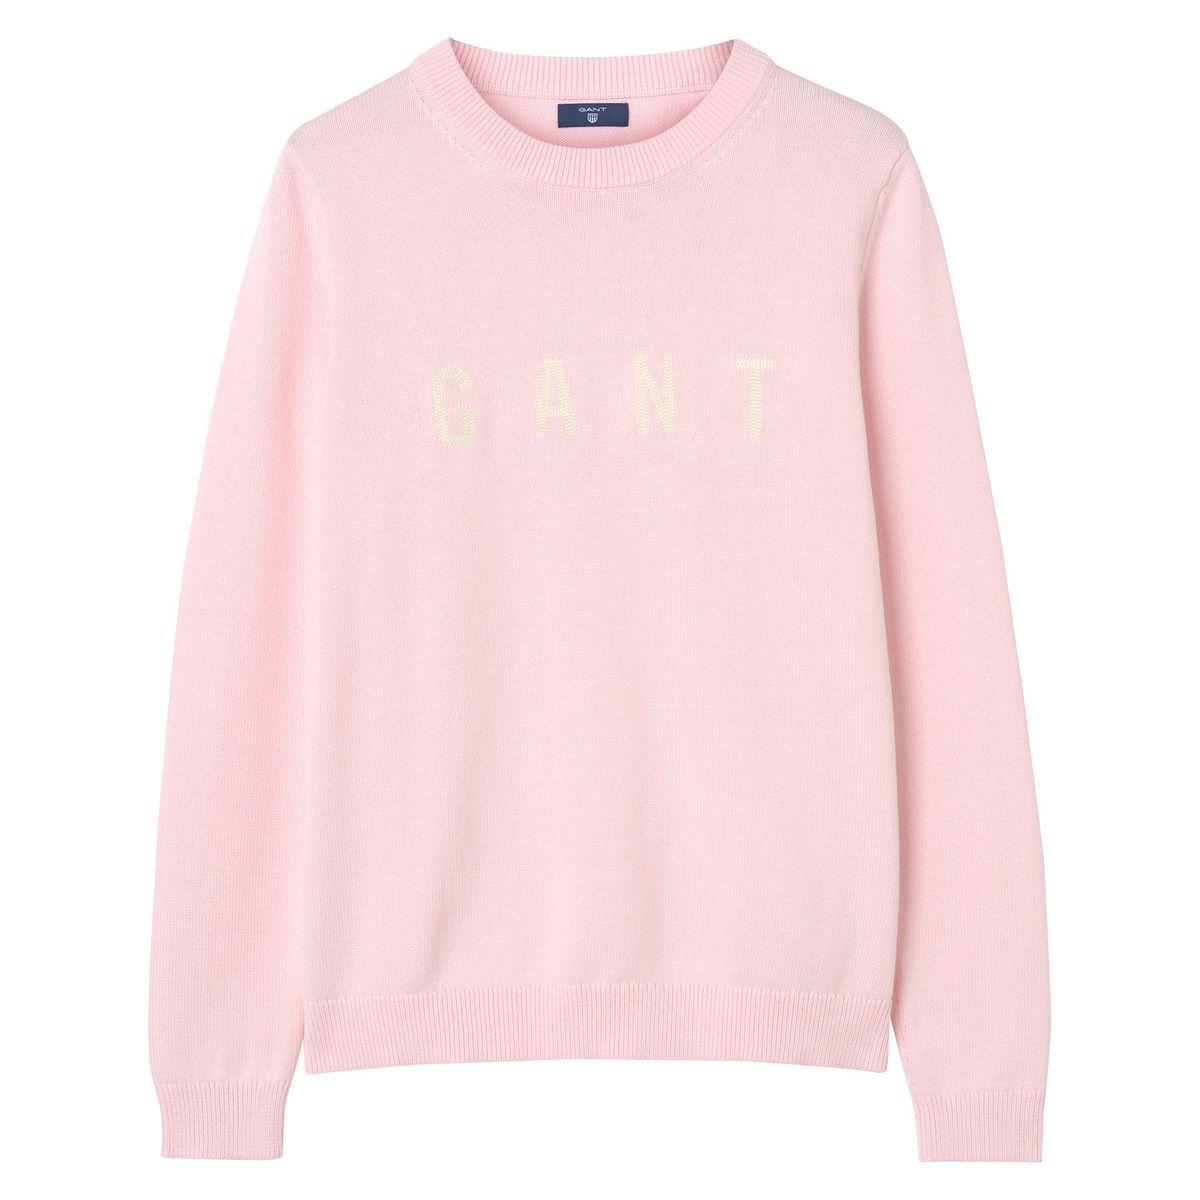 7d39e1e04760 Tech Prep Oxford Topp i 2018 | Dress me! | Pinterest | Dresses ...